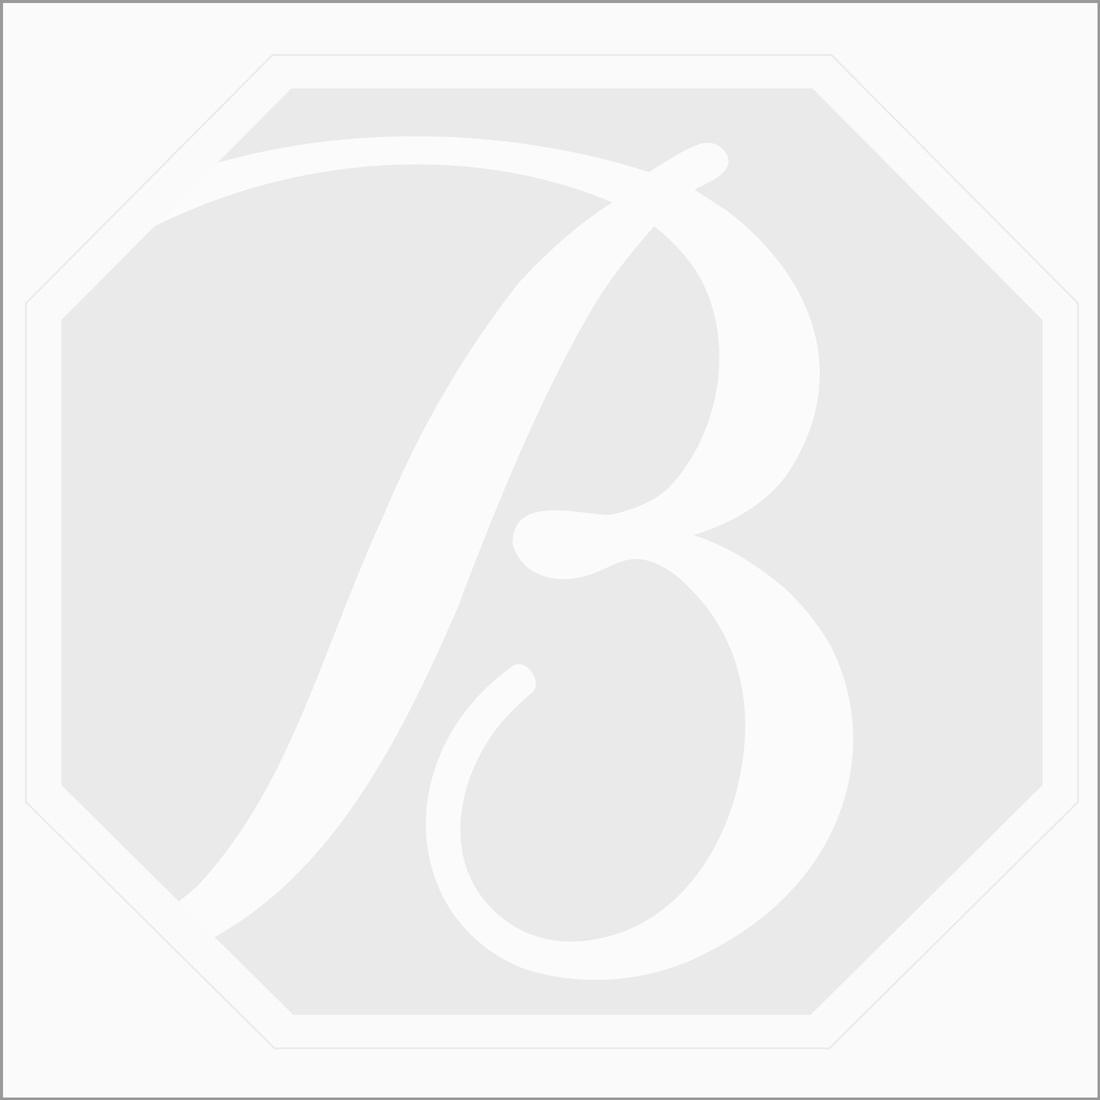 2 Pcs - 13.01 ct. - Green Tourmaline Rose Cut -19.2 x 14.2 x 3.7 mm to 20.2 x 11.4 x 2.5 mm (TRC1110)